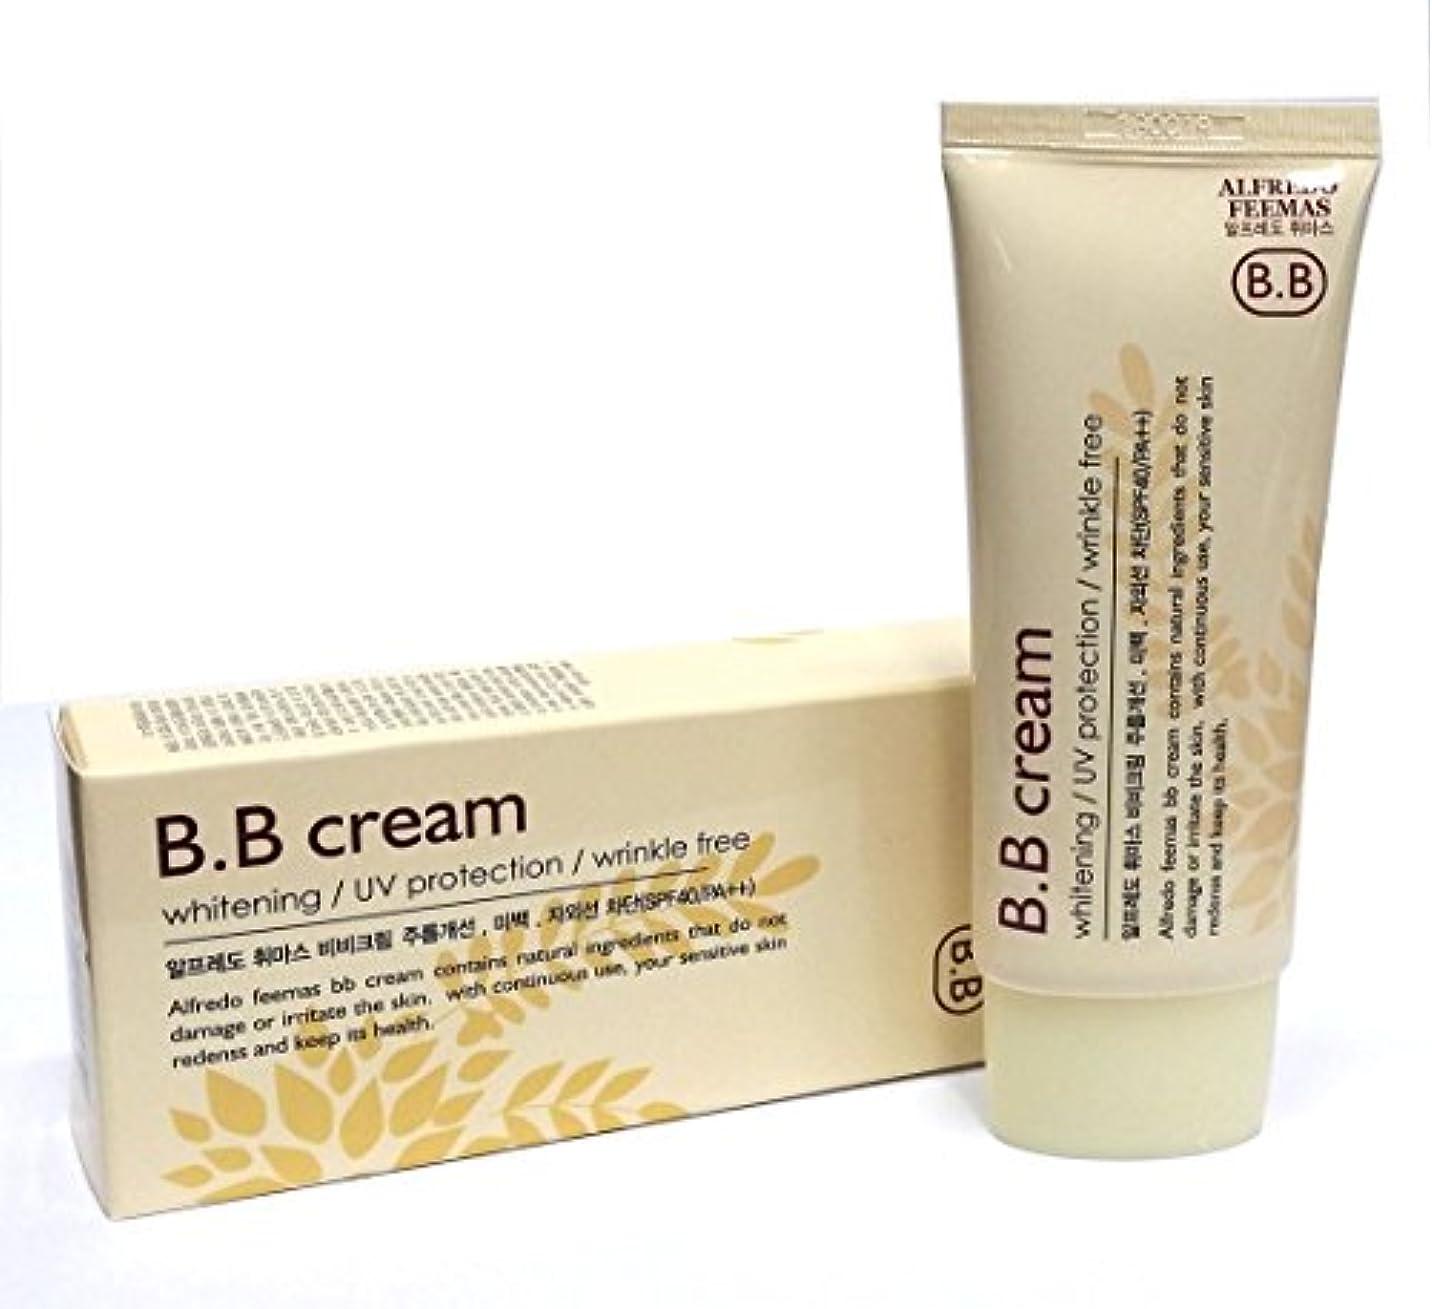 ロマンチックエレクトロニック自分アルフレッドフェイマスBBクリーム50ml X 1ea / Alfredo feemas BB cream 50ml X 1ea / ホワイトニング、しわ、UVプロテクション(SPF40 PA ++)/ Whitening...